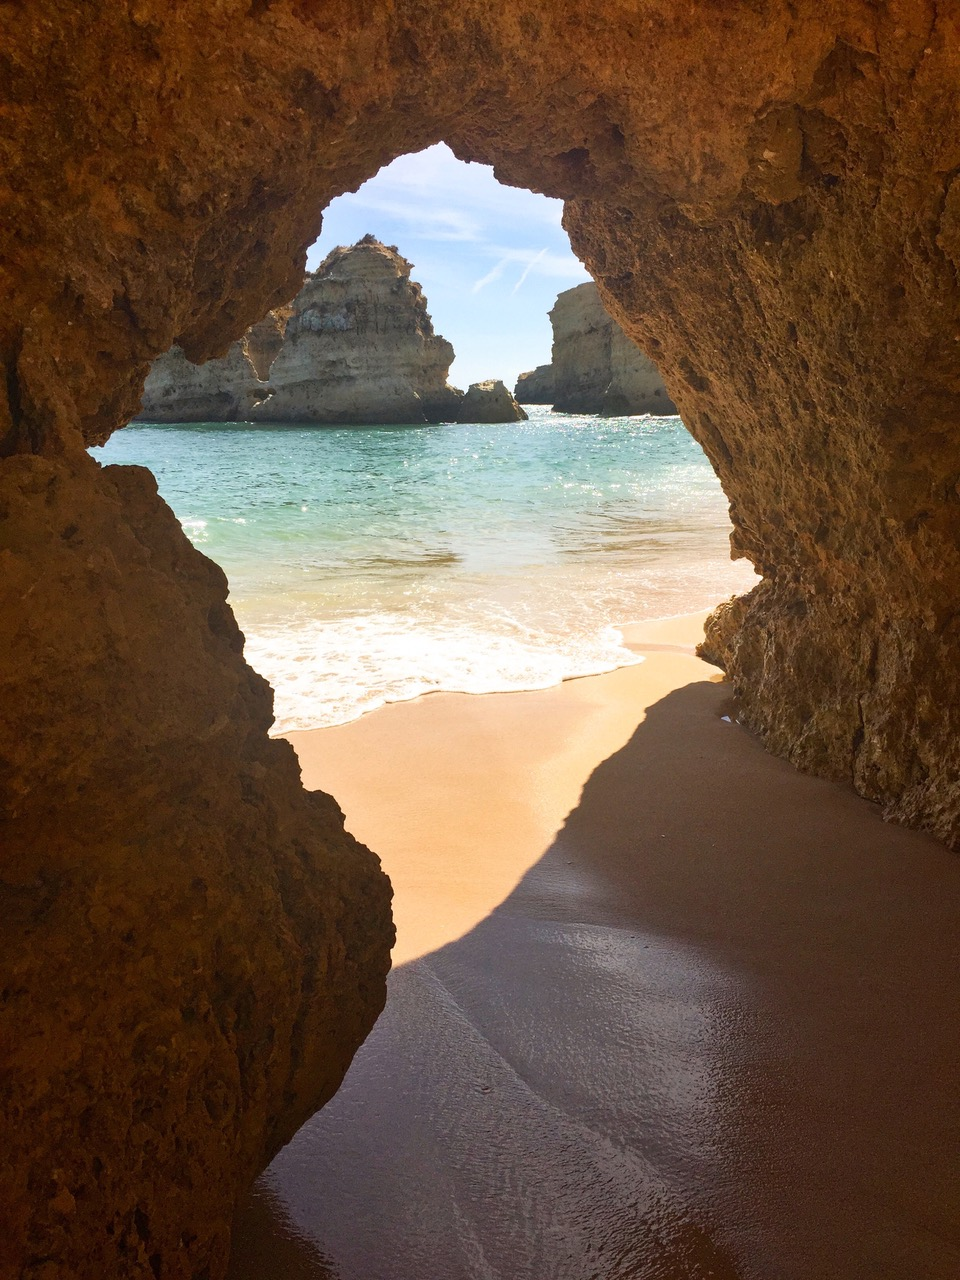 The beach of Praia de São Rafael, Algarve, Portugal